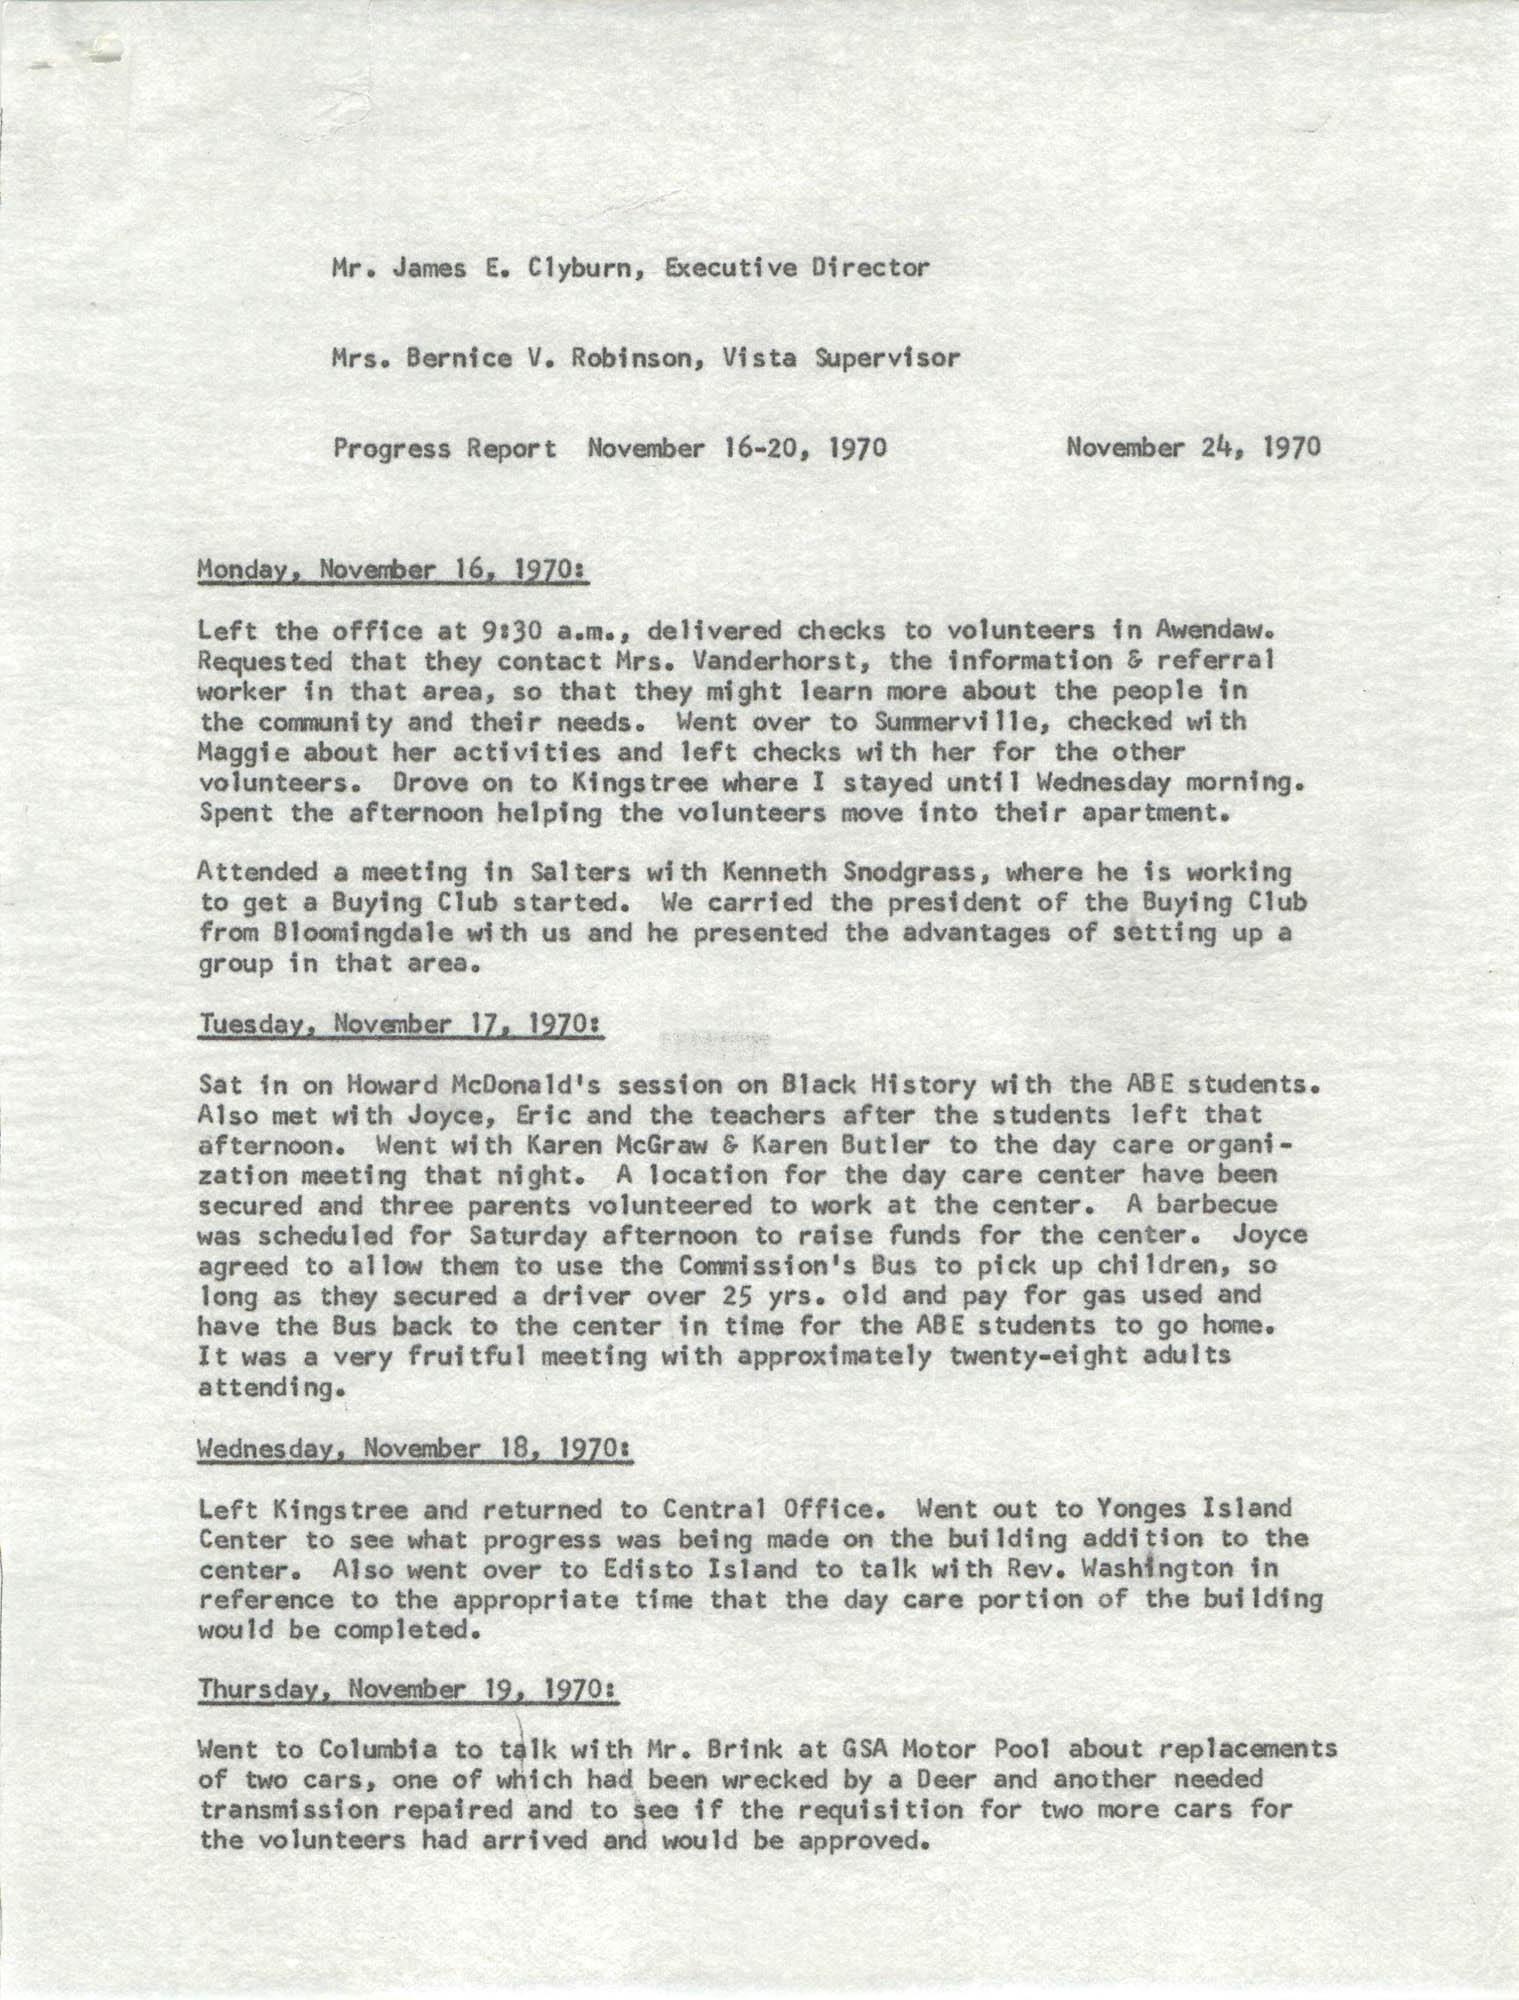 VISTA Progress Report, November 16-20, 1970